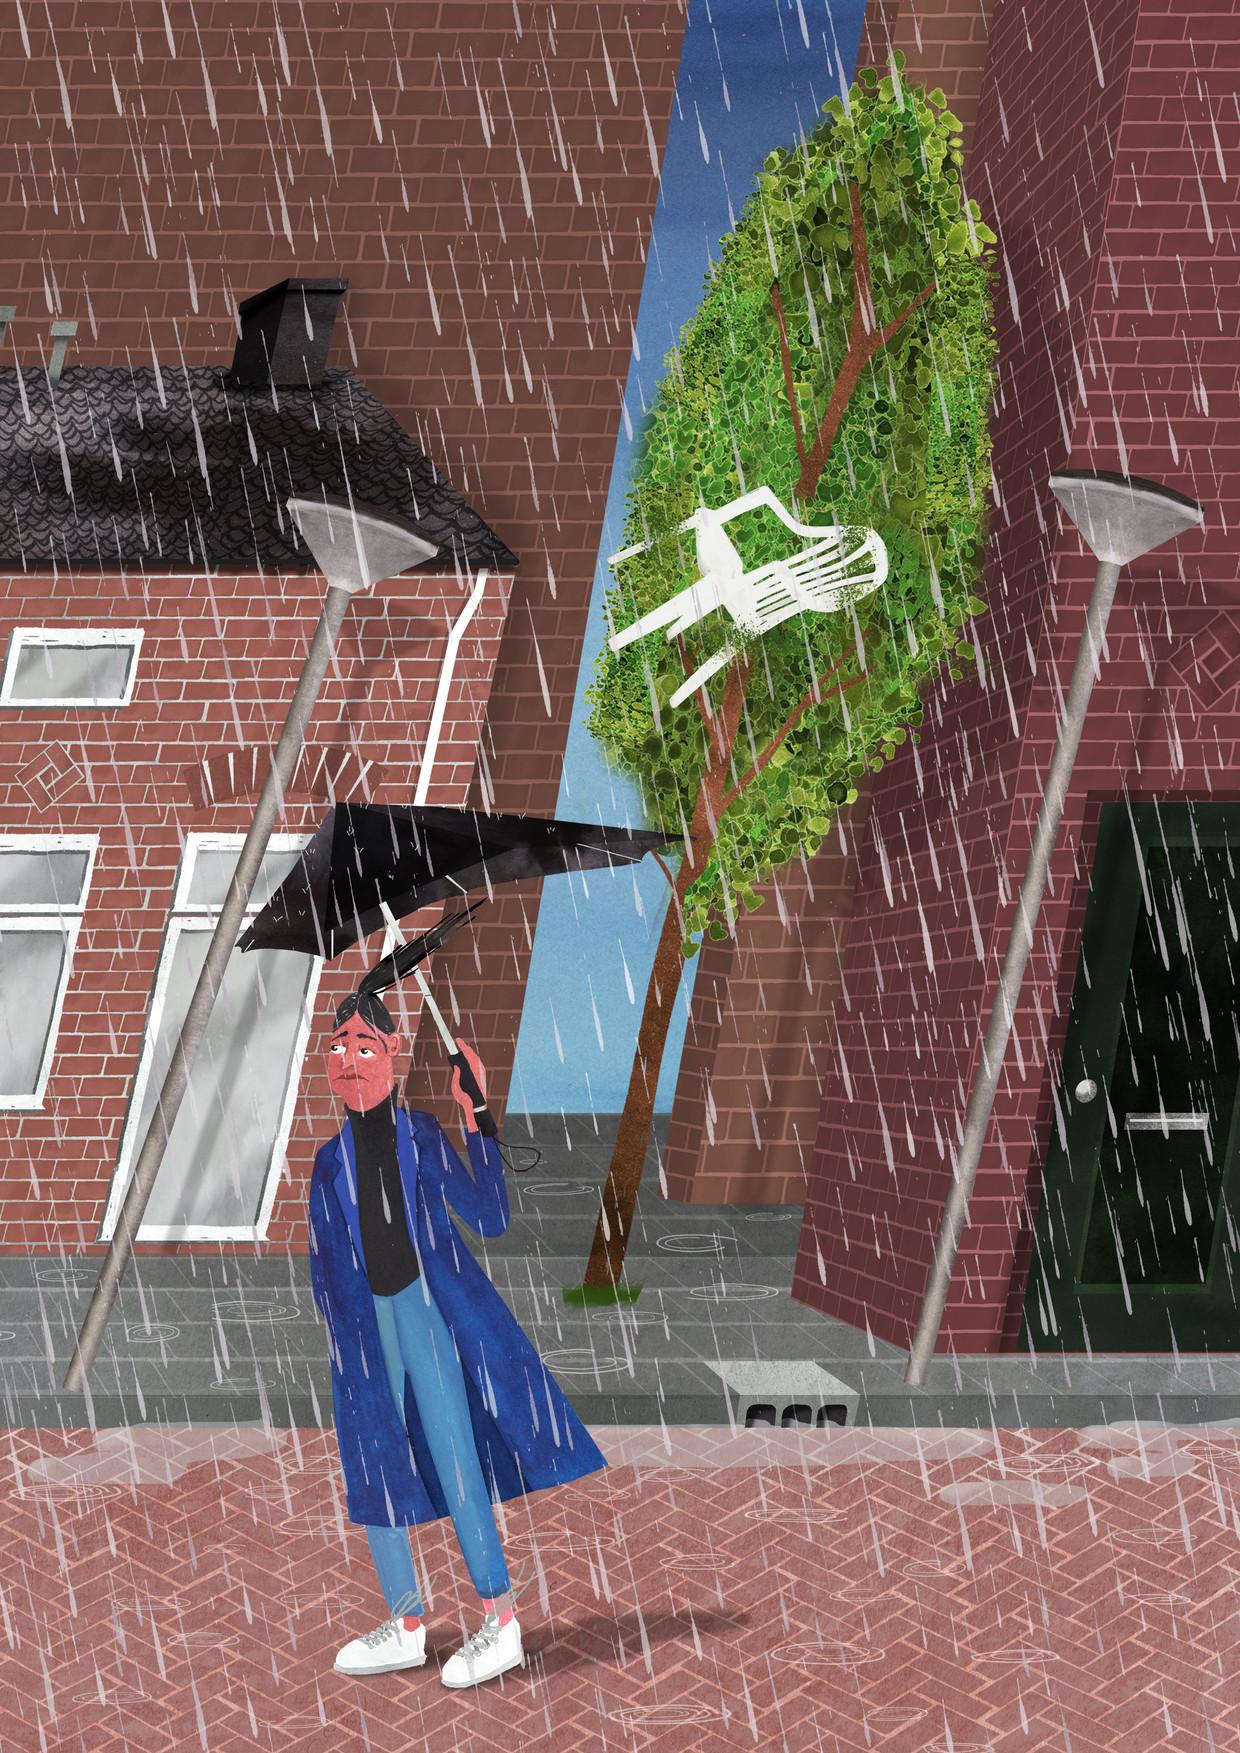 Bomen zijn goede windvangers, maar veroorzaken ook gevaar en overlast tijdens een storm.